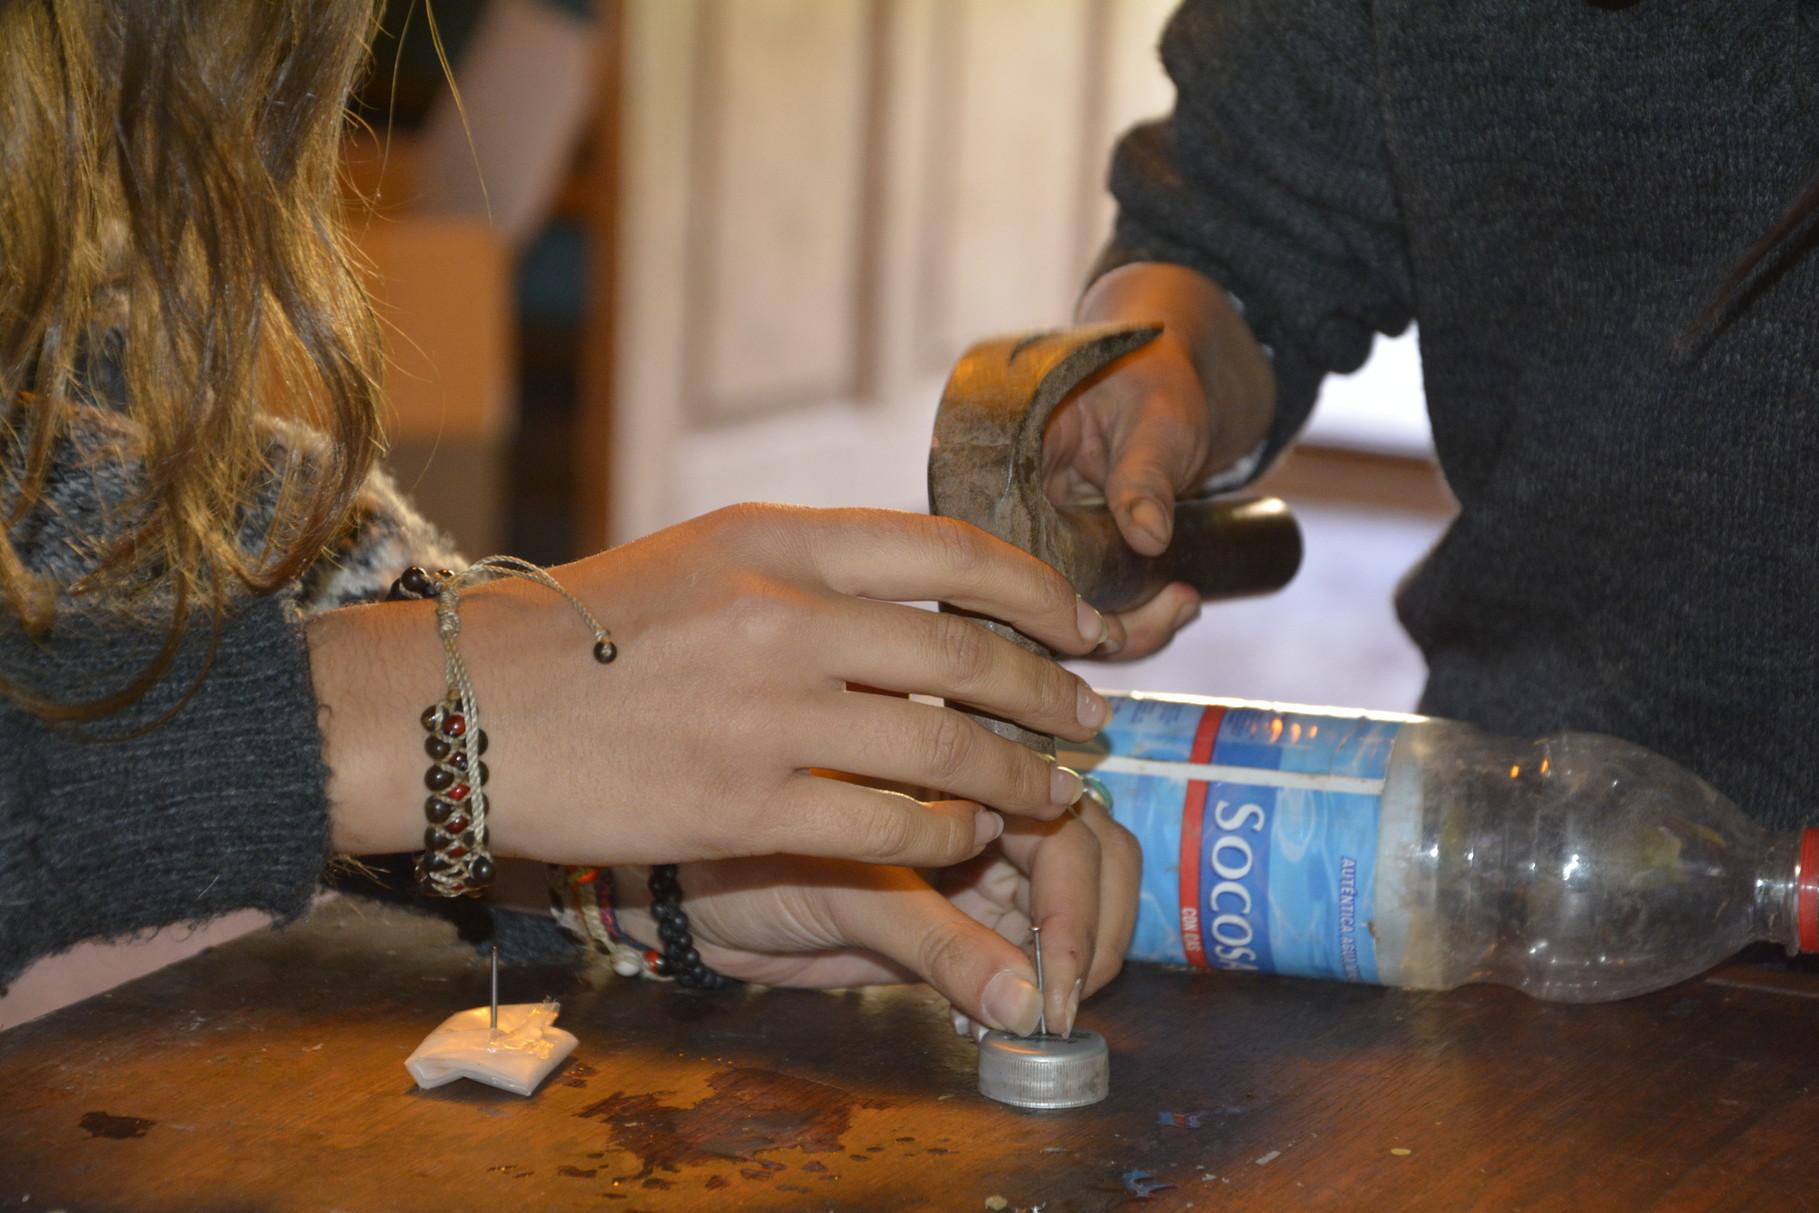 26 Mayo – Elaborando regaderas reciclando botellas.